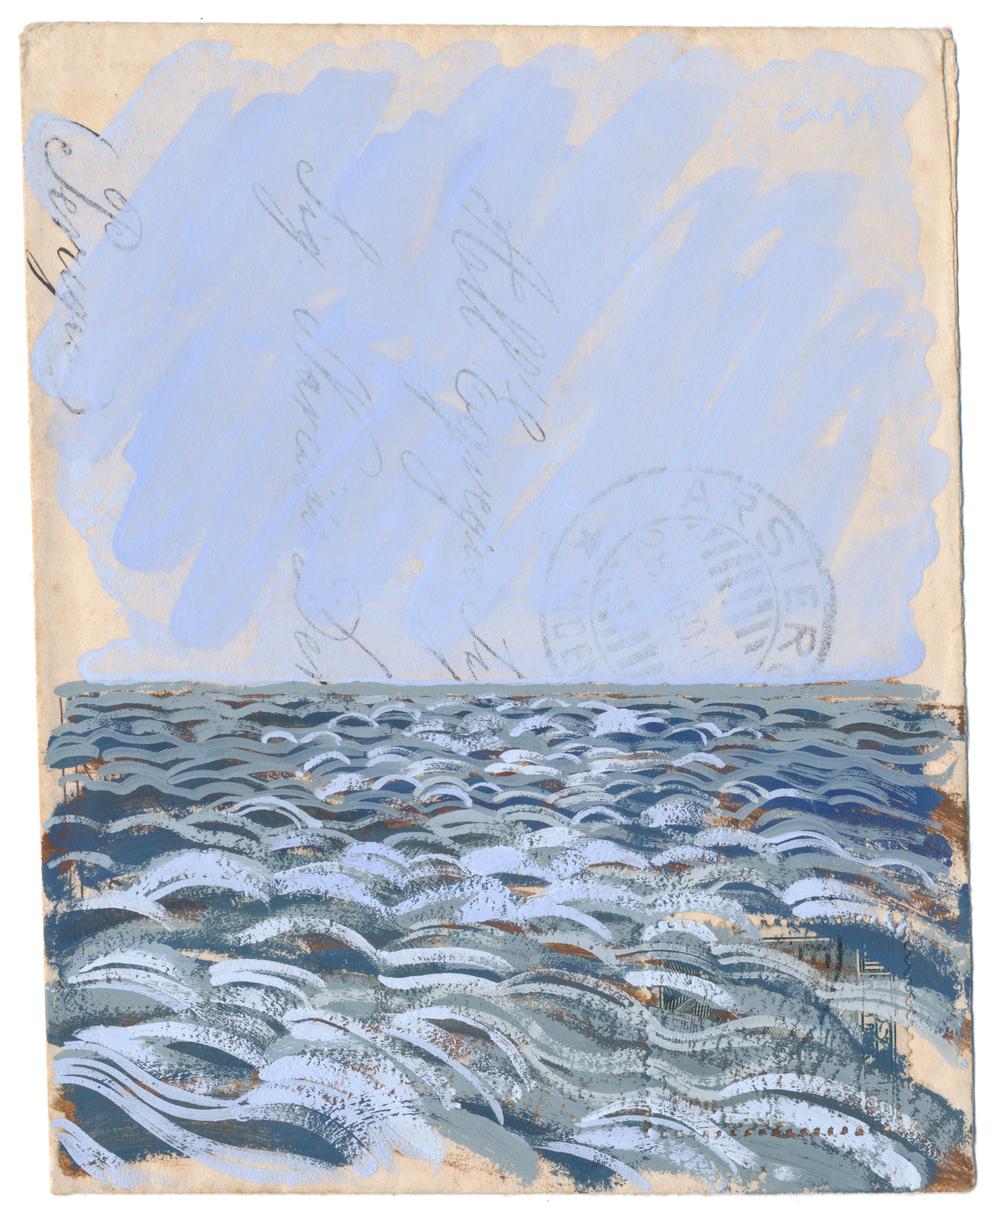 Mor Breizh IV • Gouache on envelope • £600 • Sold (framed)